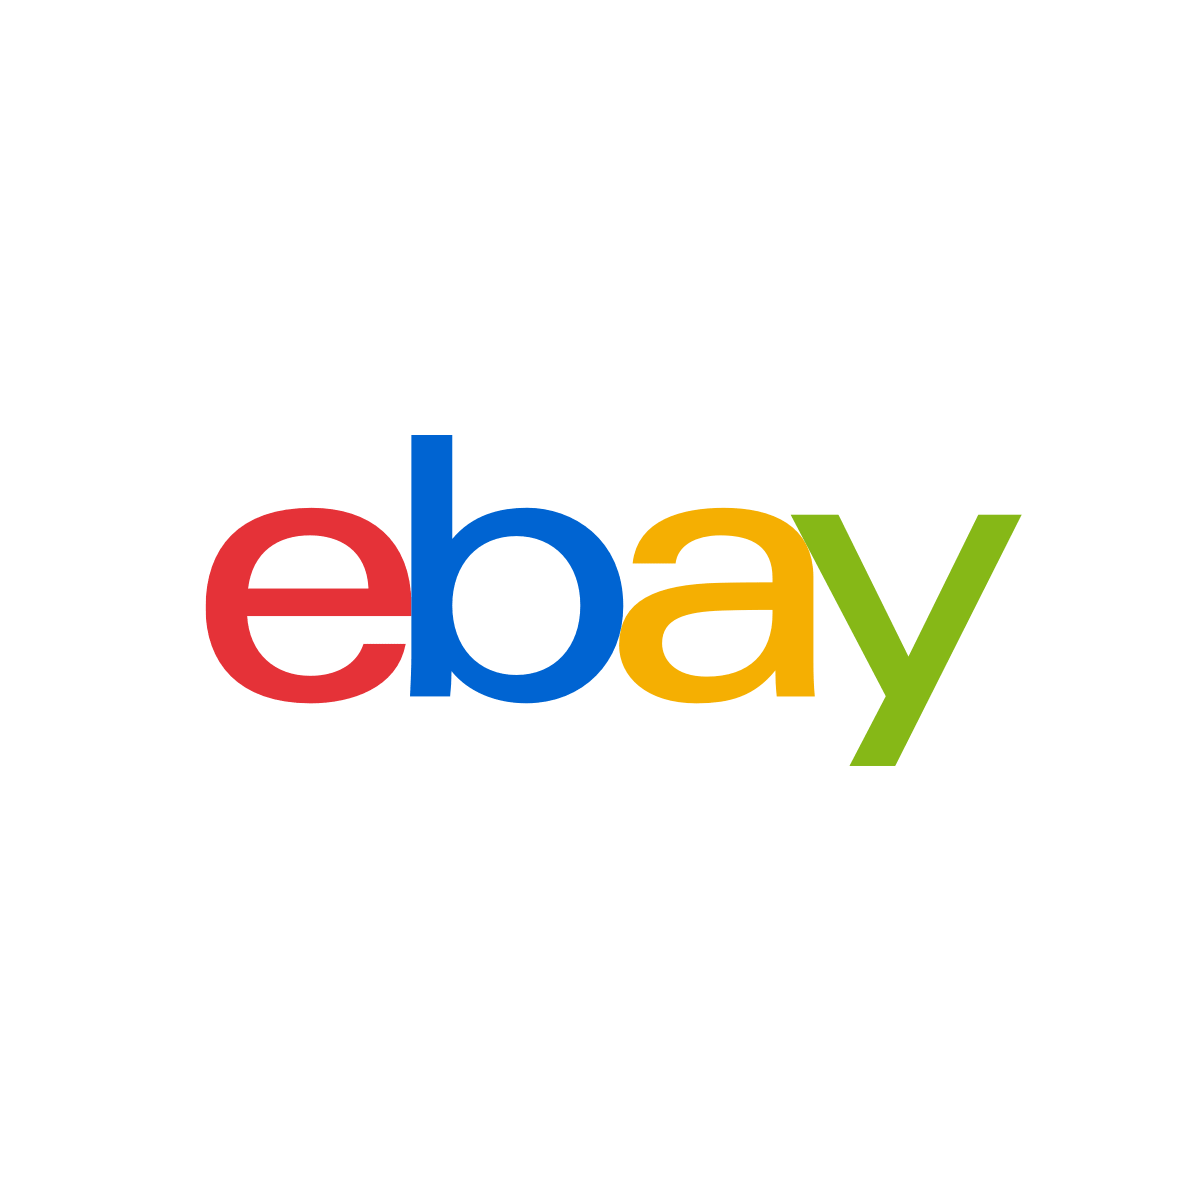 Заказать редкое издание/товар с eBay